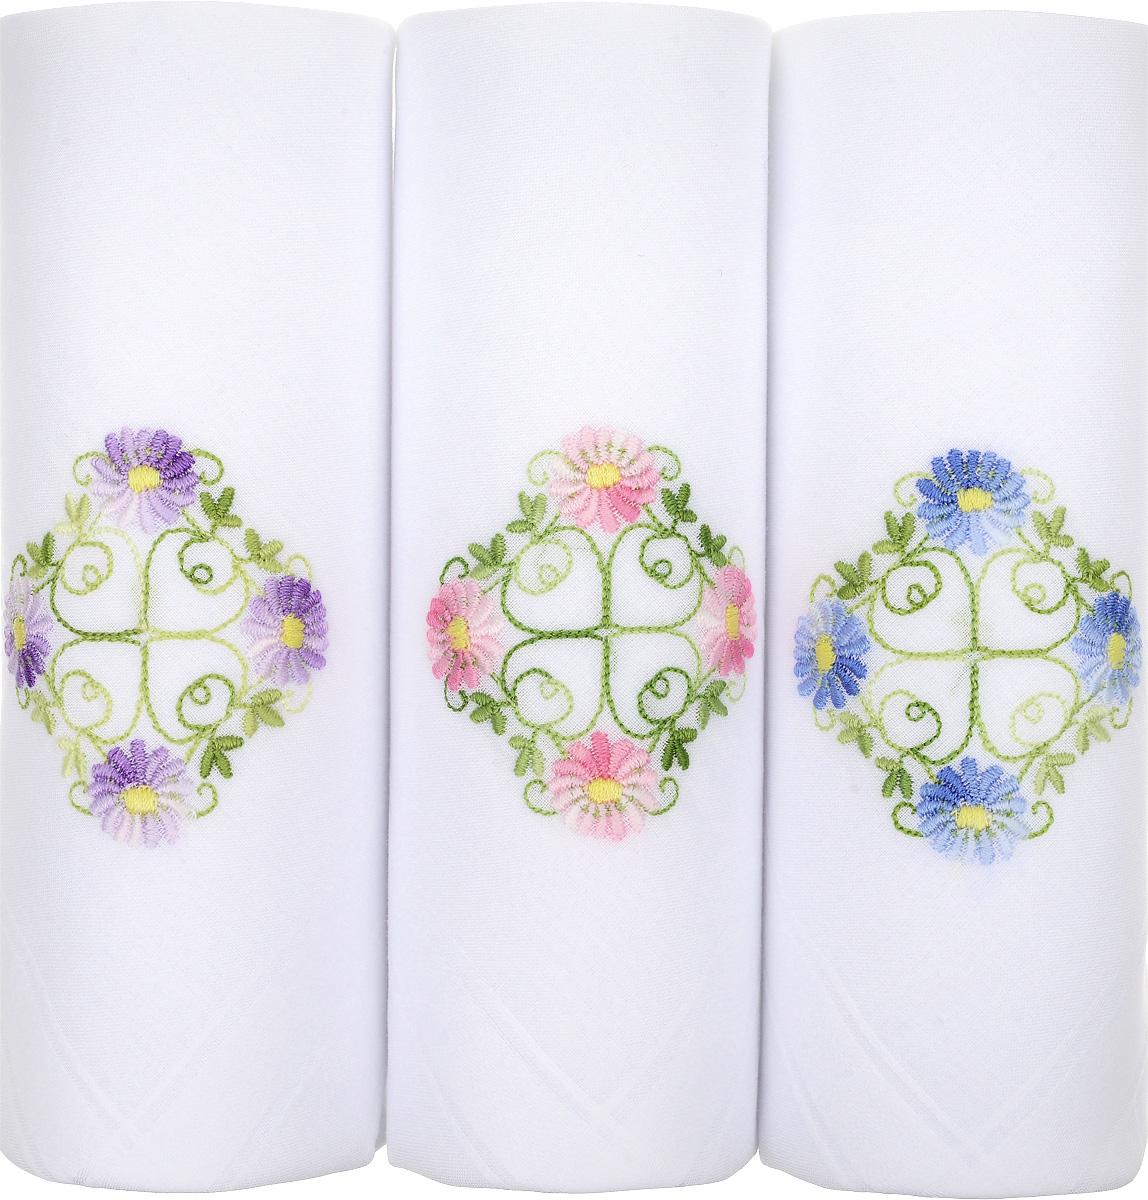 Платок носовой женский Zlata Korunka, цвет: белый, 3 шт. 06601-11. Размер 30 см х 30 см39864|Серьги с подвескамиНебольшой женский носовой платок Zlata Korunka изготовлен из высококачественного натурального хлопка, благодаря чему приятен в использовании, хорошо стирается, не садится и отлично впитывает влагу. Практичный и изящный носовой платок будет незаменим в повседневной жизни любого современного человека. Такой платок послужит стильным аксессуаром и подчеркнет ваше превосходное чувство вкуса.В комплекте 3 платка.